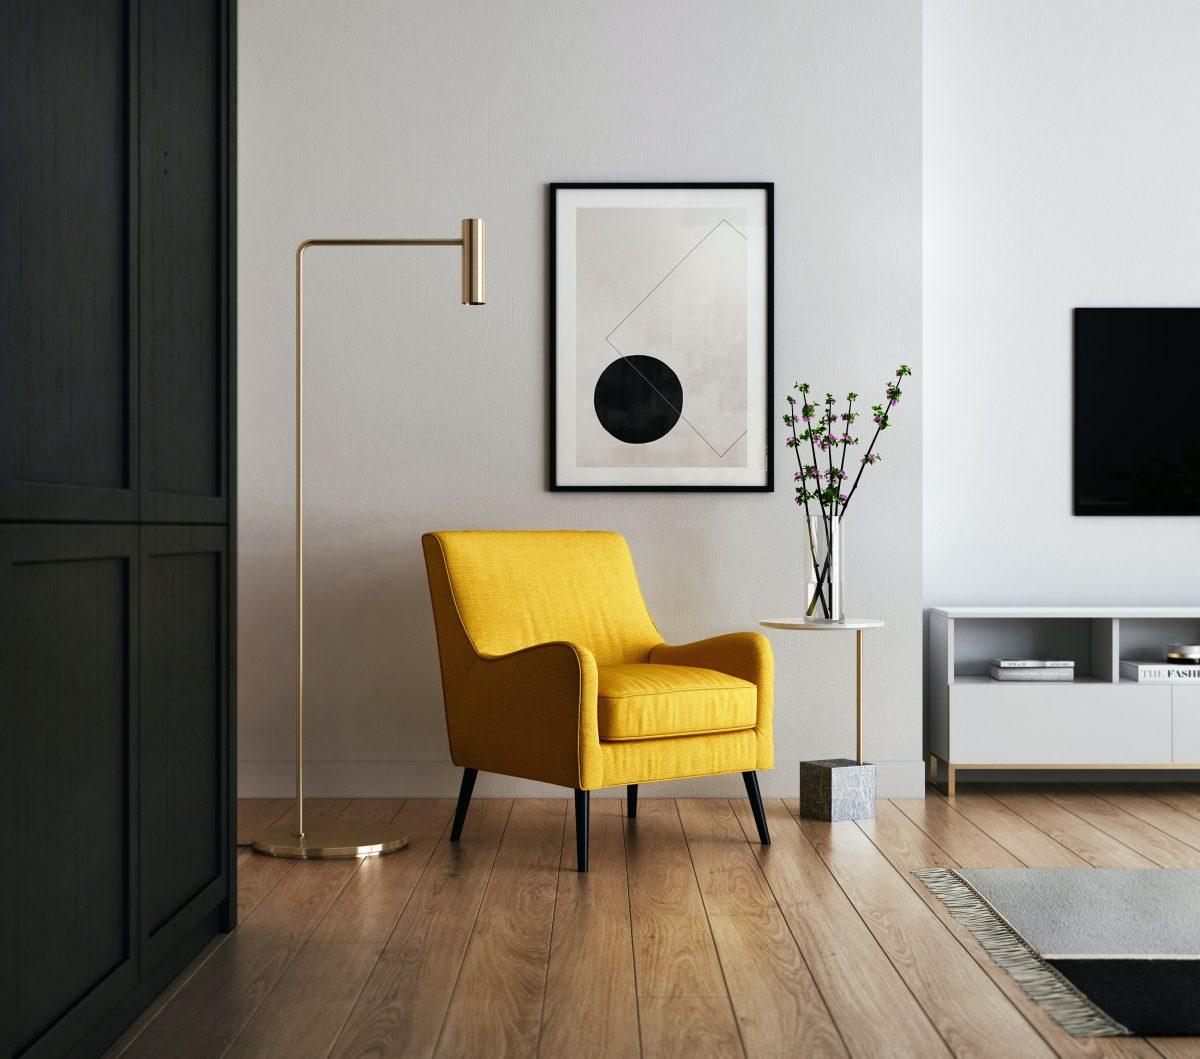 Comment décorer et aménager un salon ?